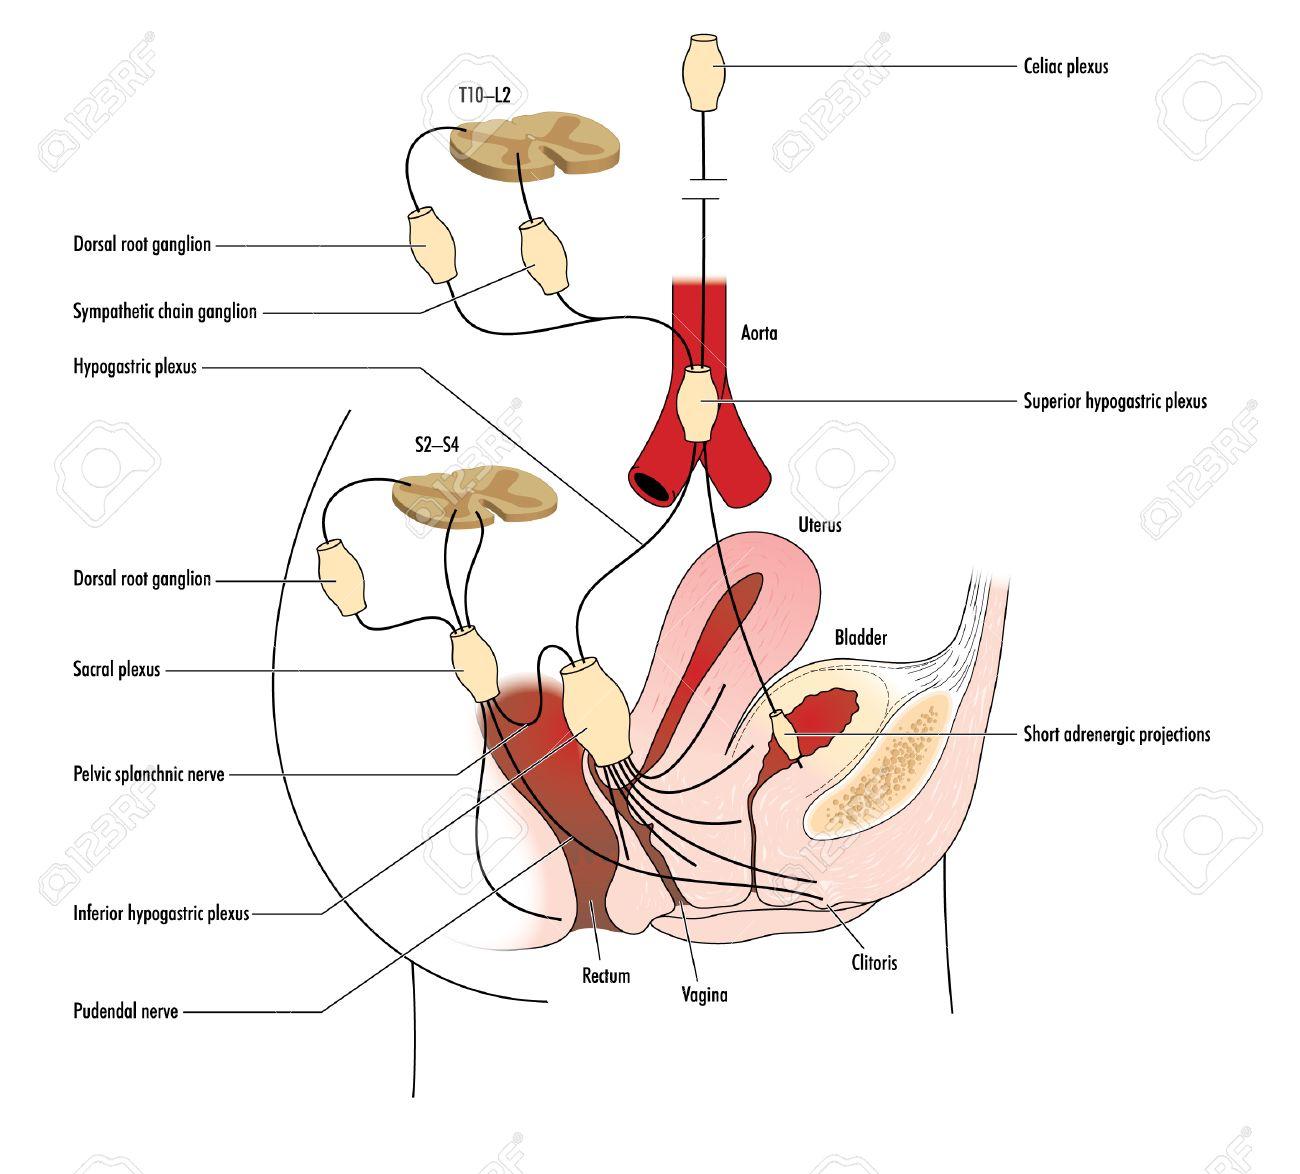 Dibujo De La Inervación De útero, La Vagina Y El Recto Ilustraciones ...